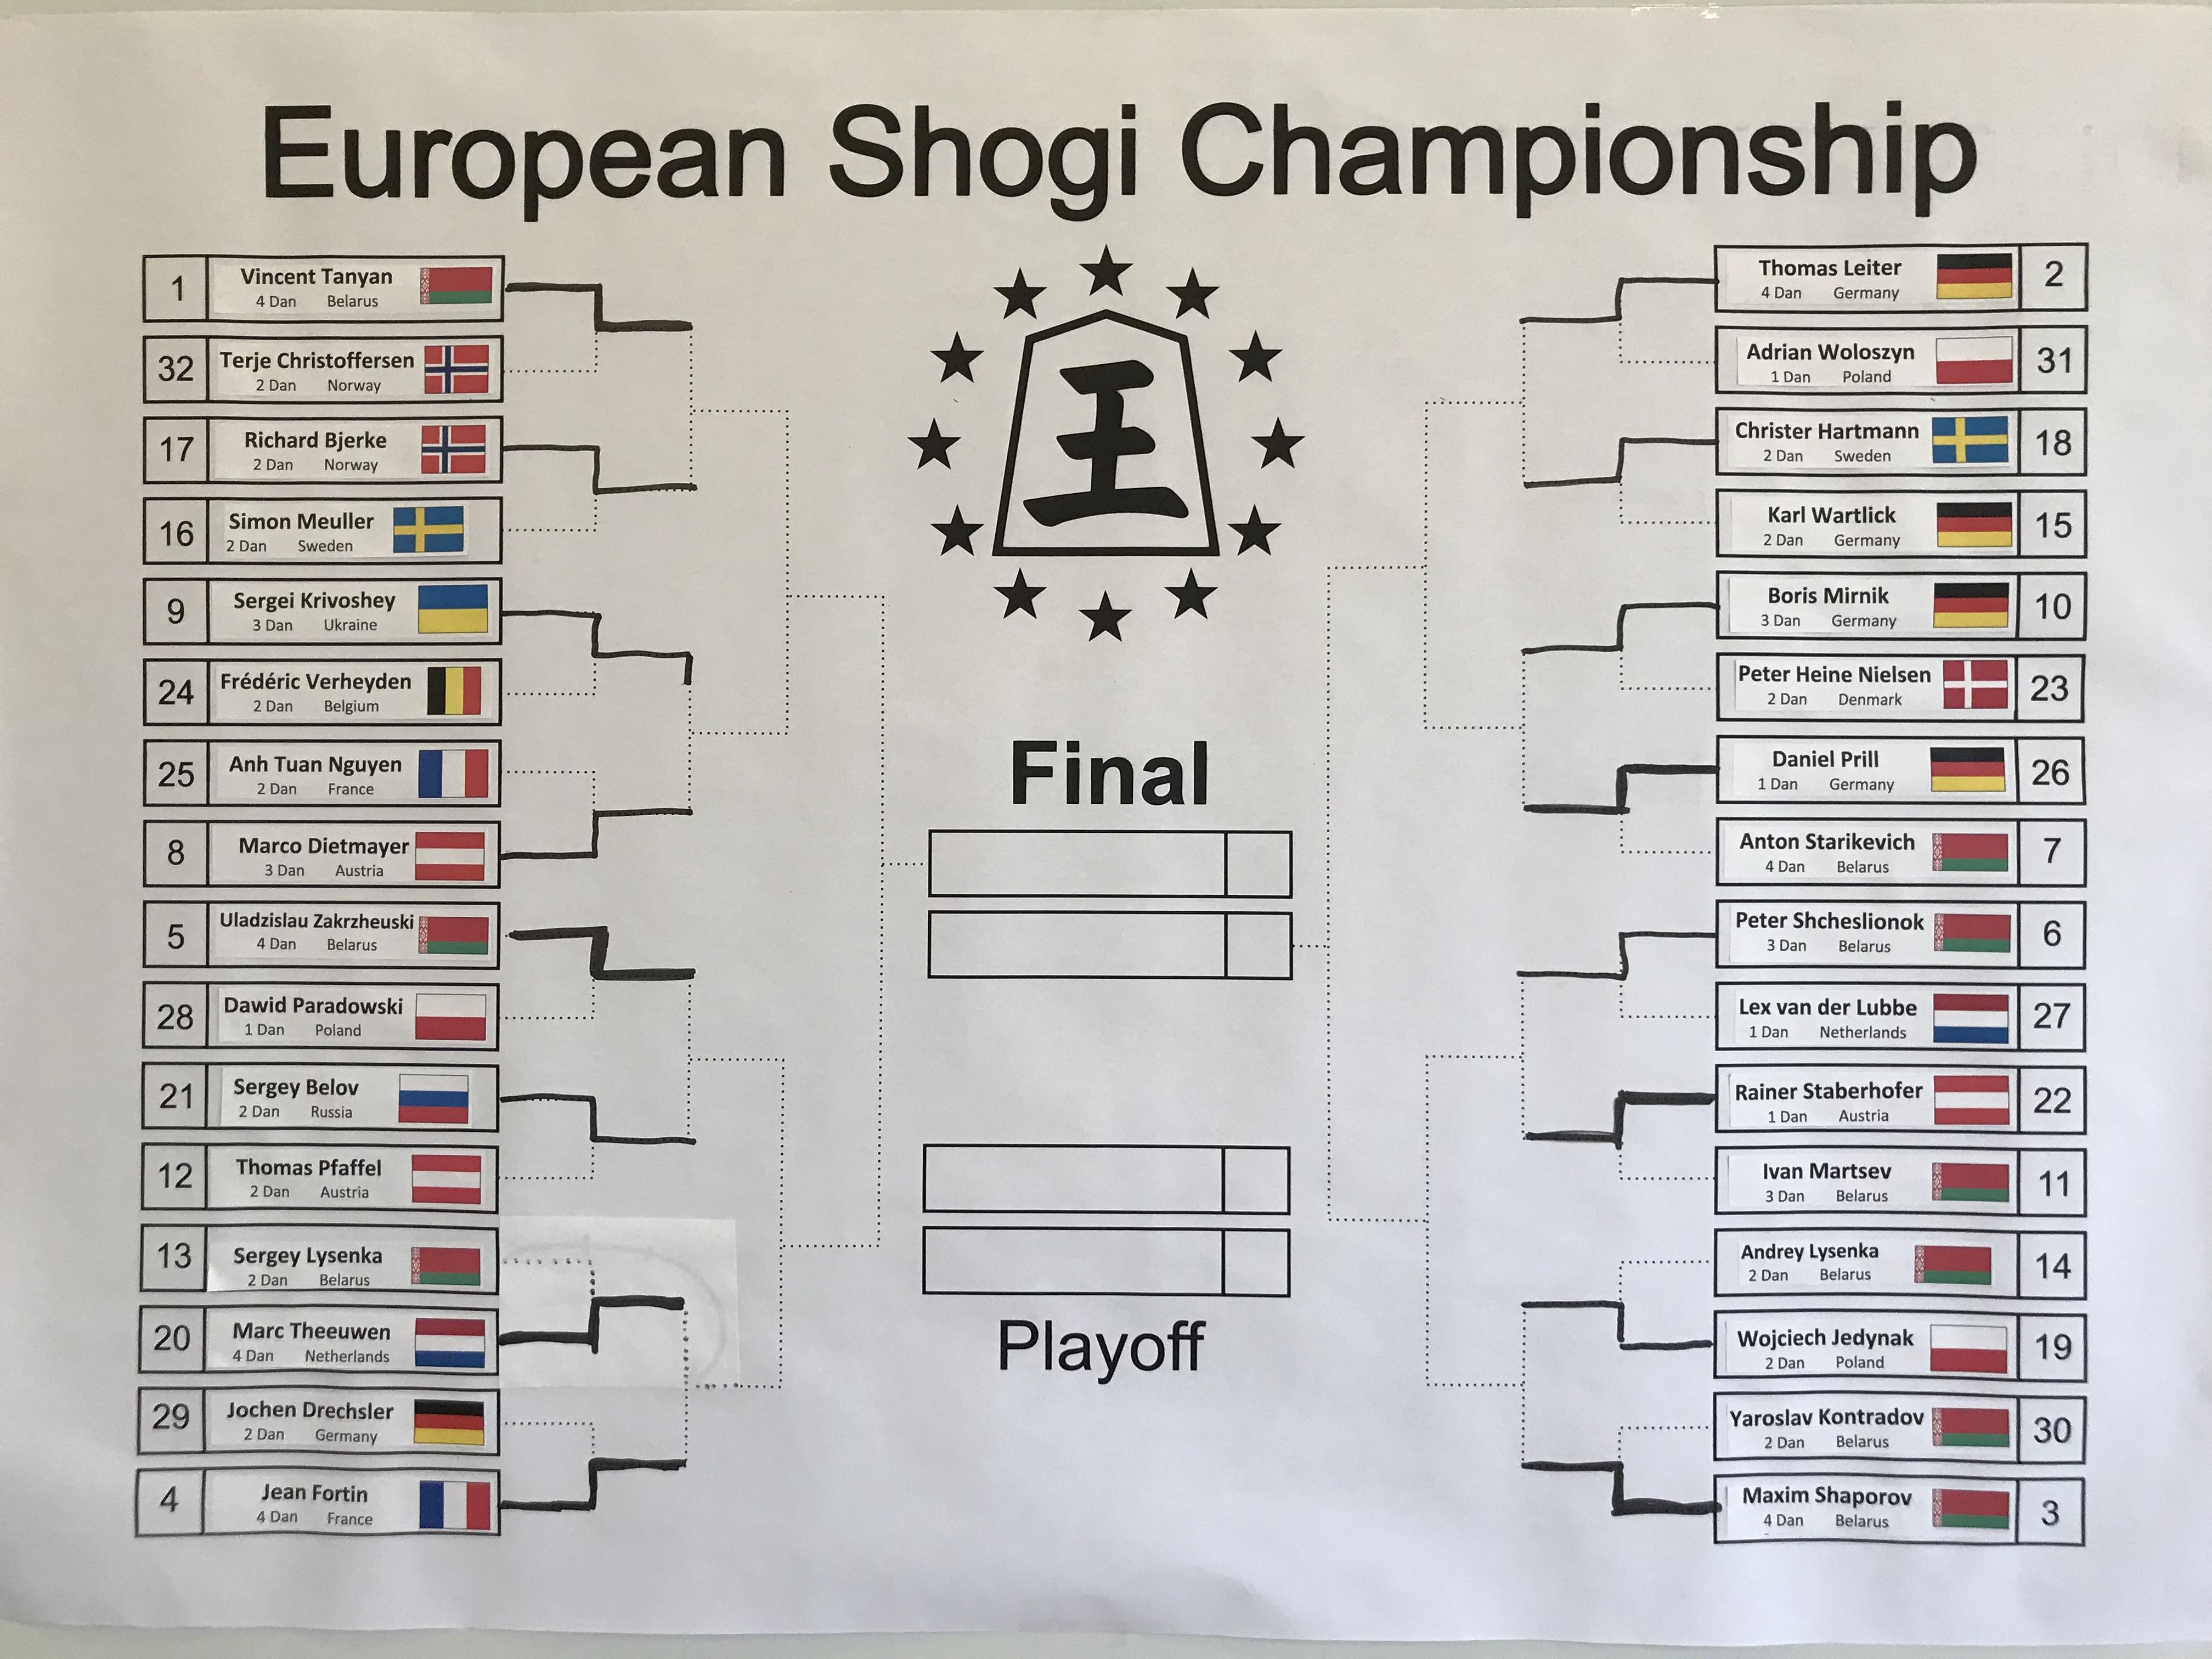 ヨーロッパ選手権の対局表